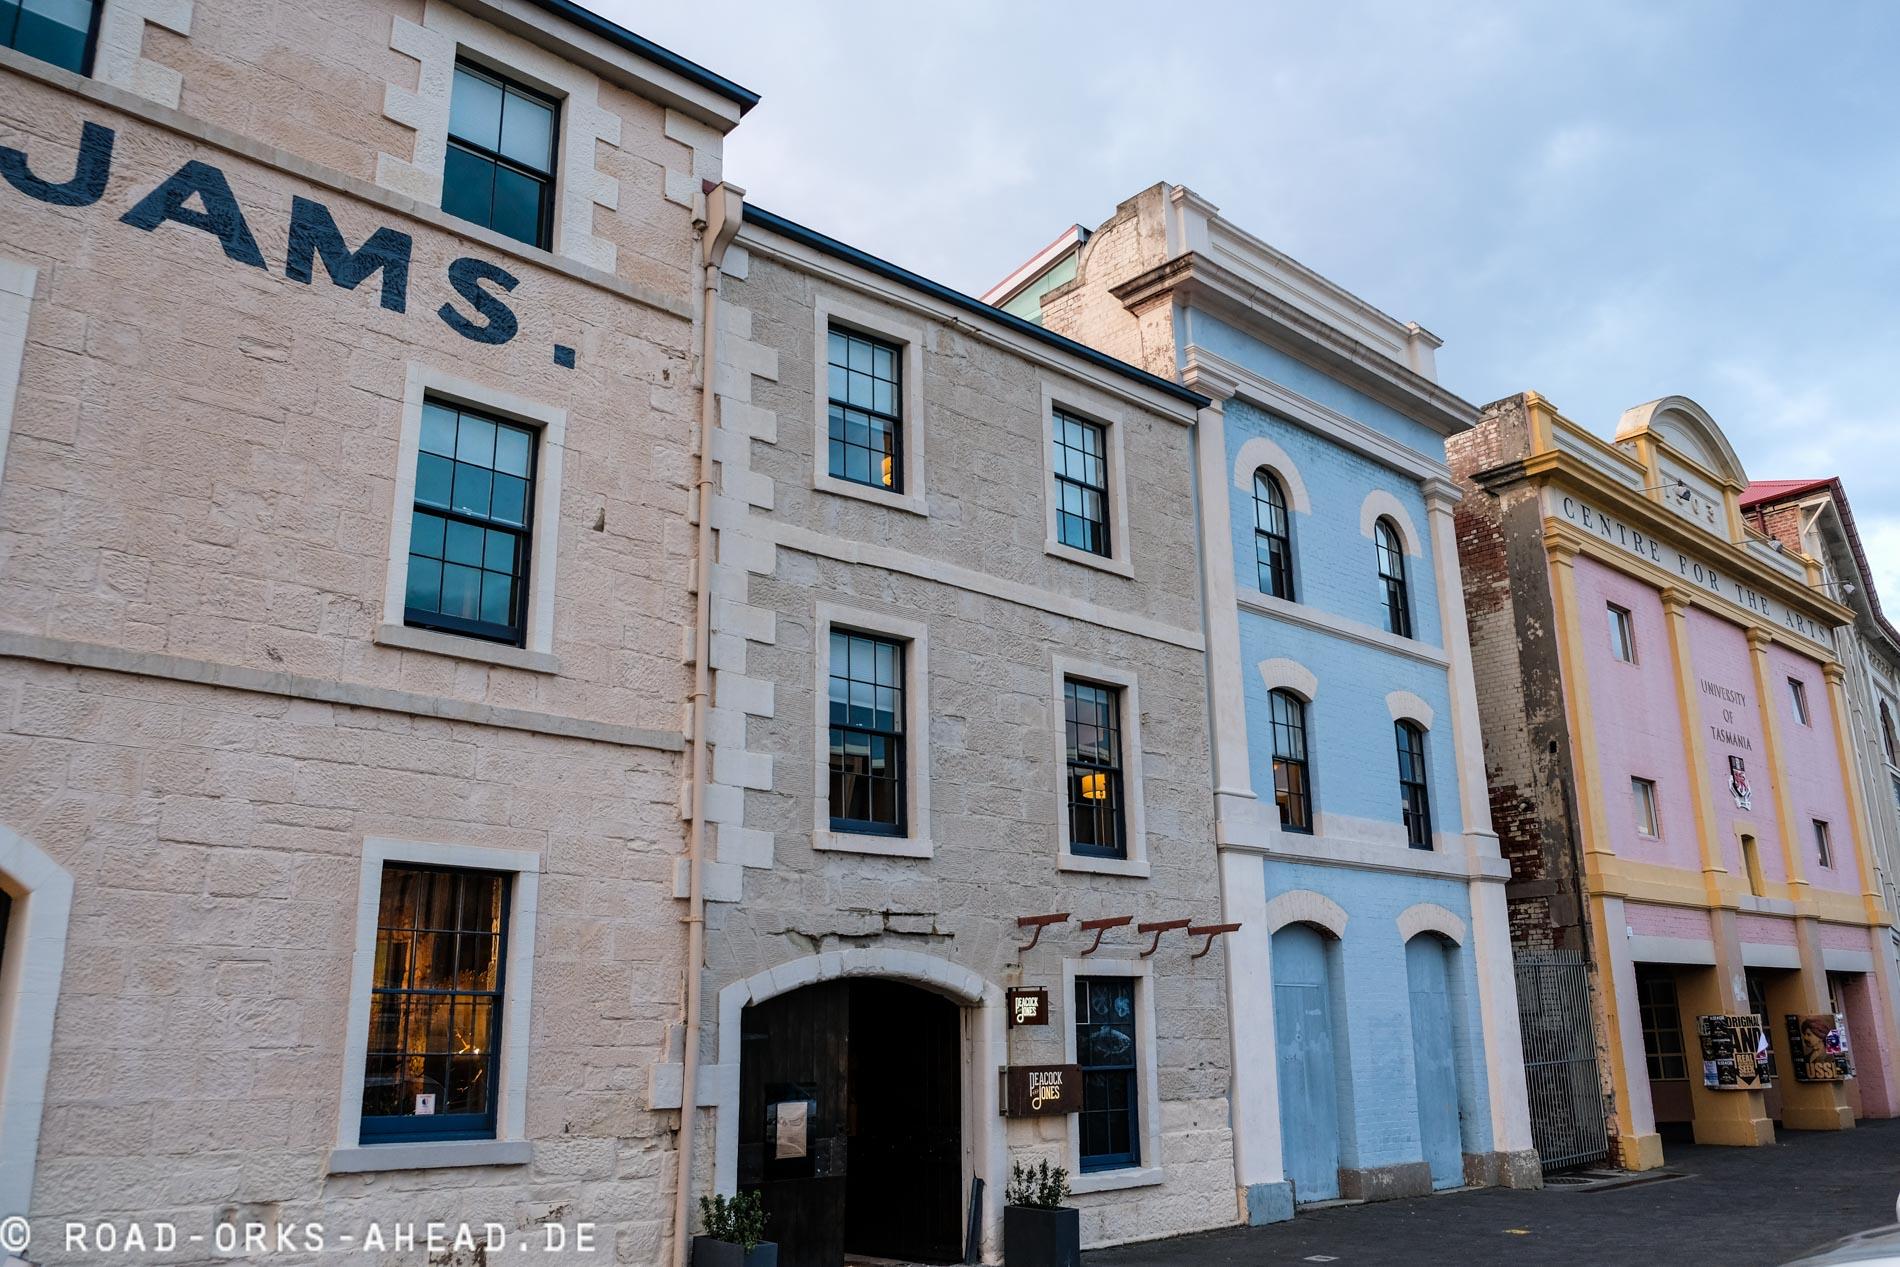 Hobart Häuserfronten